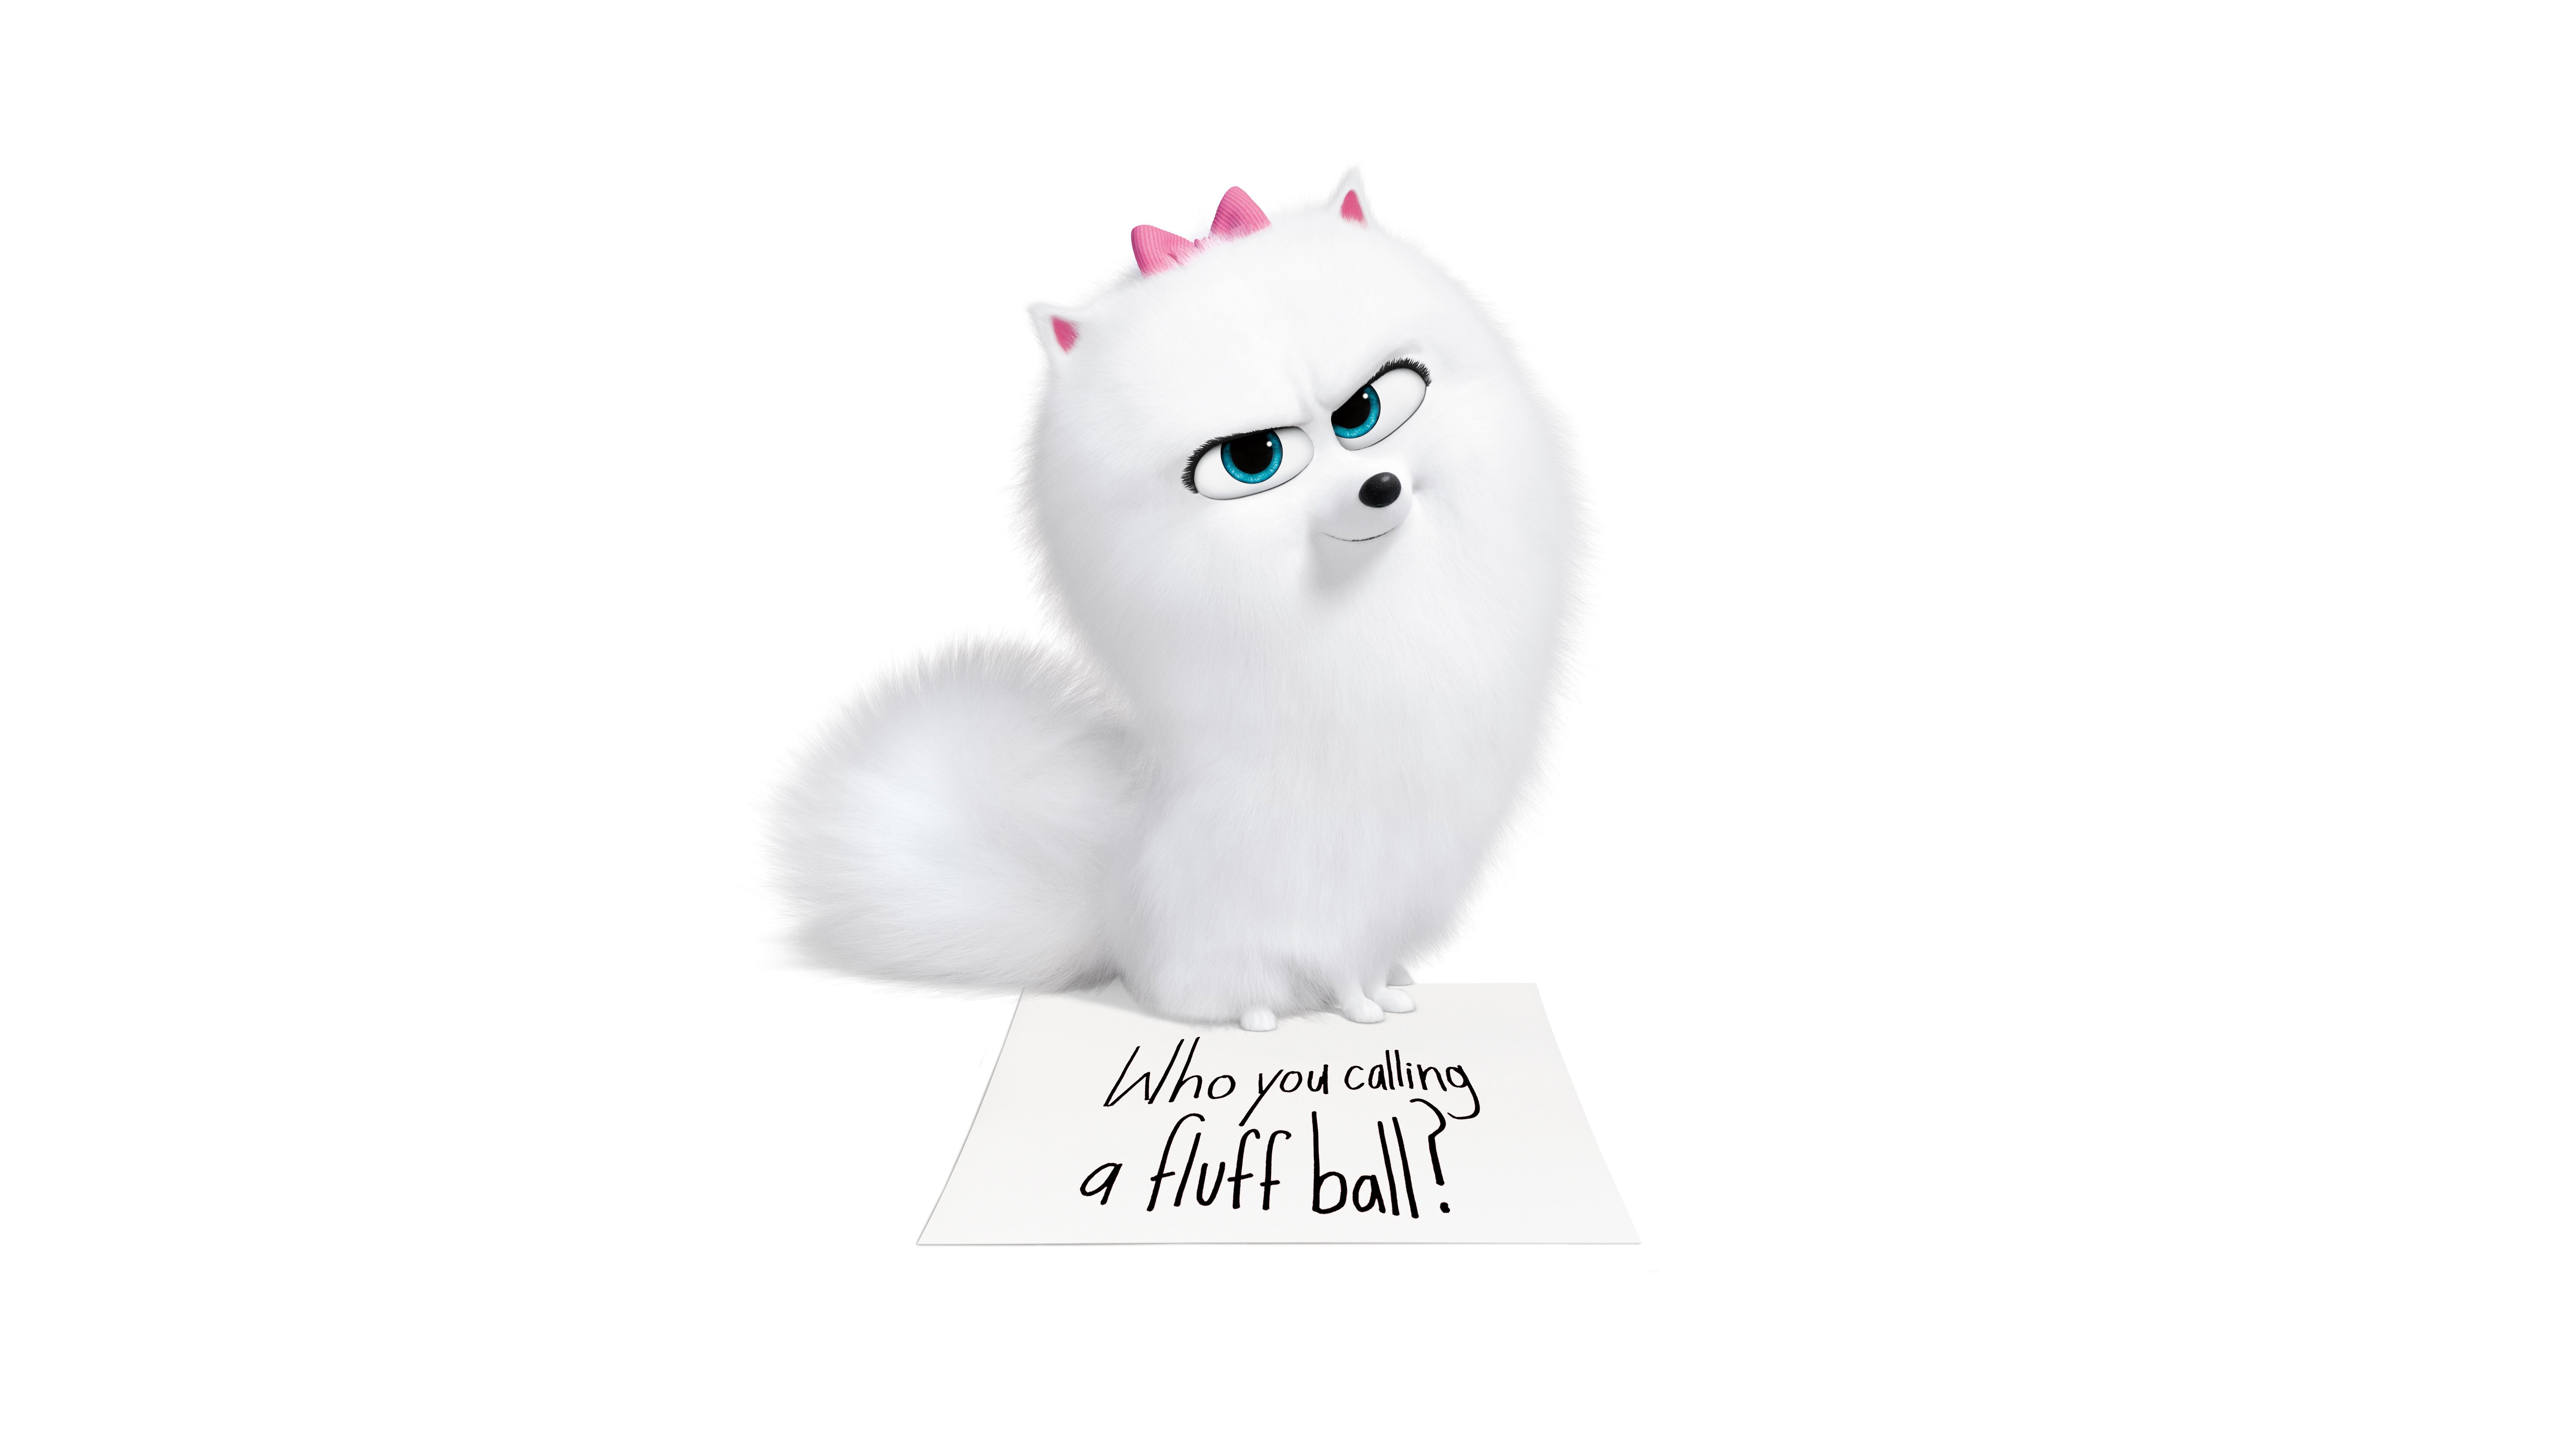 Cute Gidget In The Secret Life Of Pets 2 4k 8k Wallpapers Hd